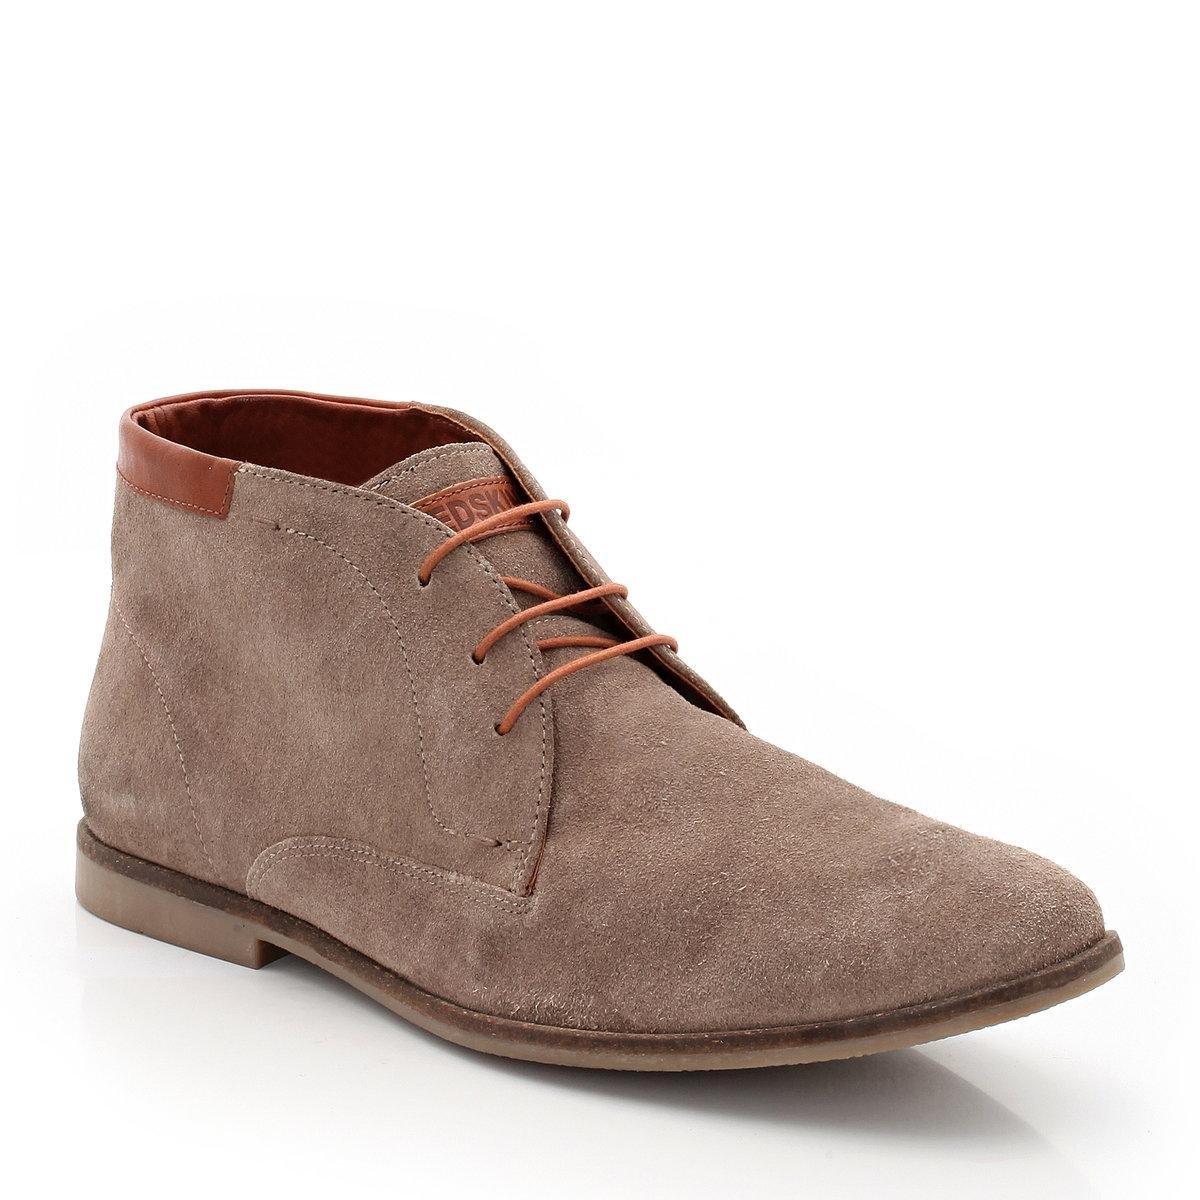 Ботинки велюровыеВелюровые ботинки Niplo от REDSKINS : Верх: велюр. Подкладка: текстиль + кожа. Стелька: кожа. Подошва: каучук Застежка: на шнуровке. Высота голенища: 11 см. Высота каблука : 2 см. Удобные и красивые ботинки прекрасно сочетаются с брюками-чино и джинсами! Дополнительно: Верх голенища и этикетка марки из натуральной контрастной кожи.<br><br>Цвет: серо-коричневый